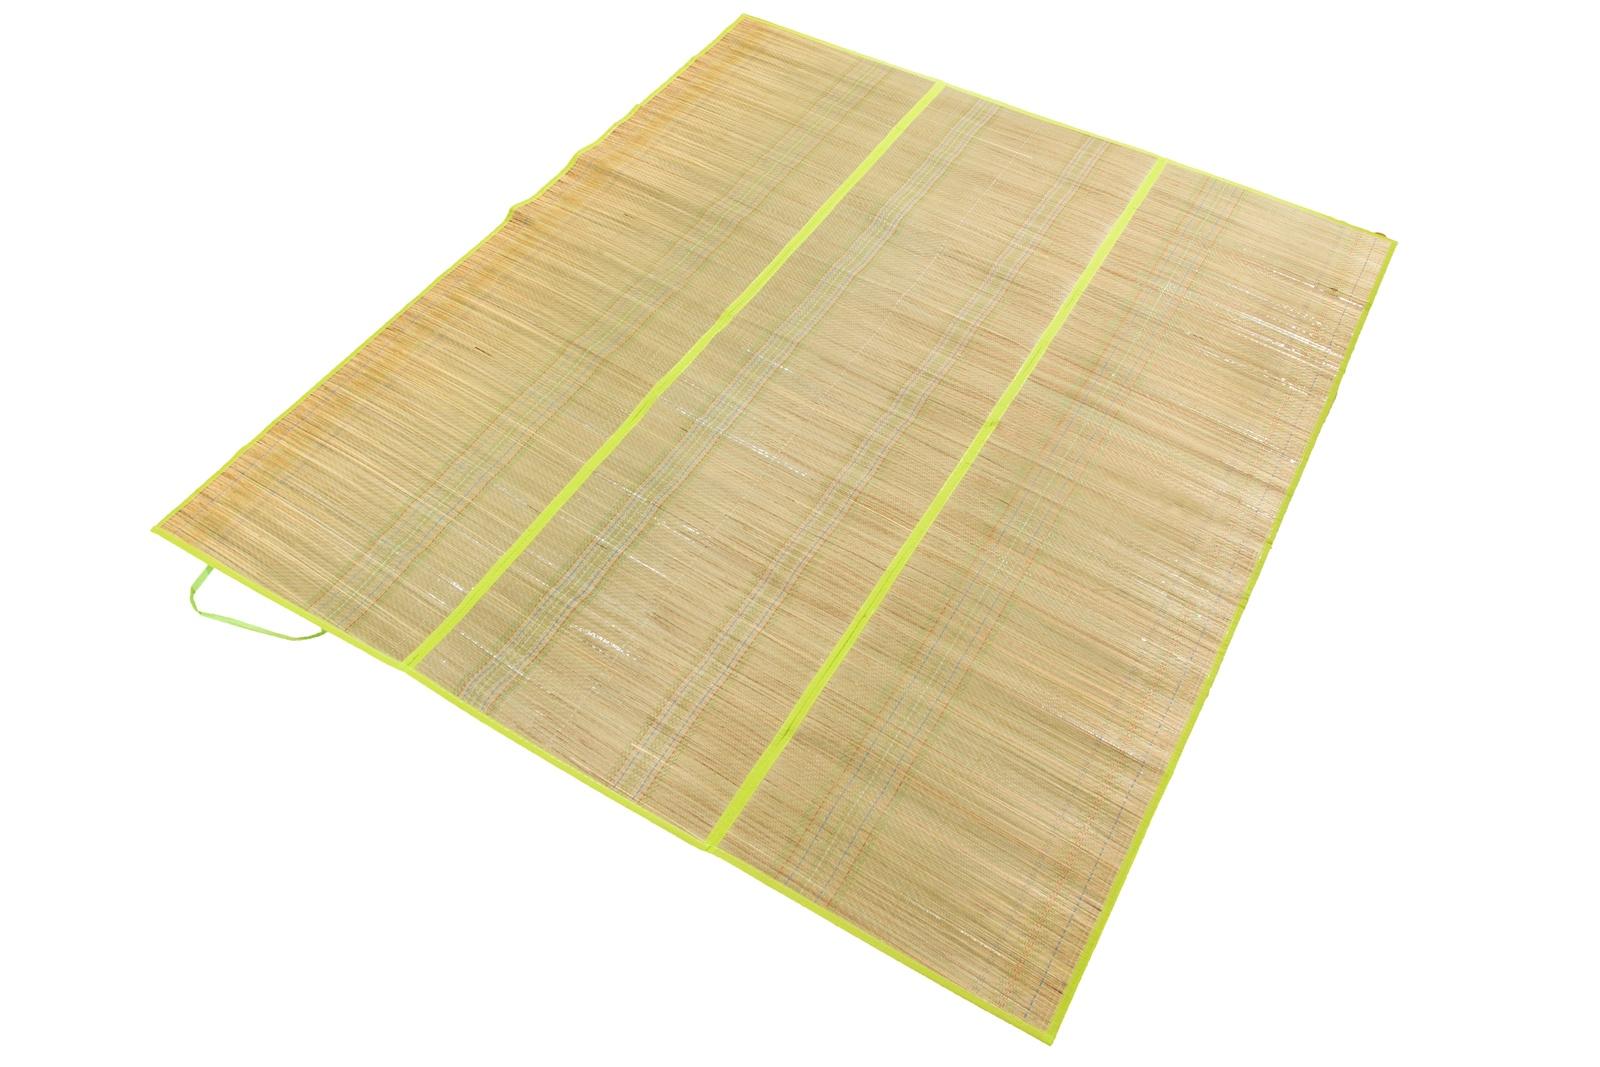 Коврик для пикника 12962Р,150х170 см.,Пляжный коврик - сумочка солома, бежевый, серебристый цена